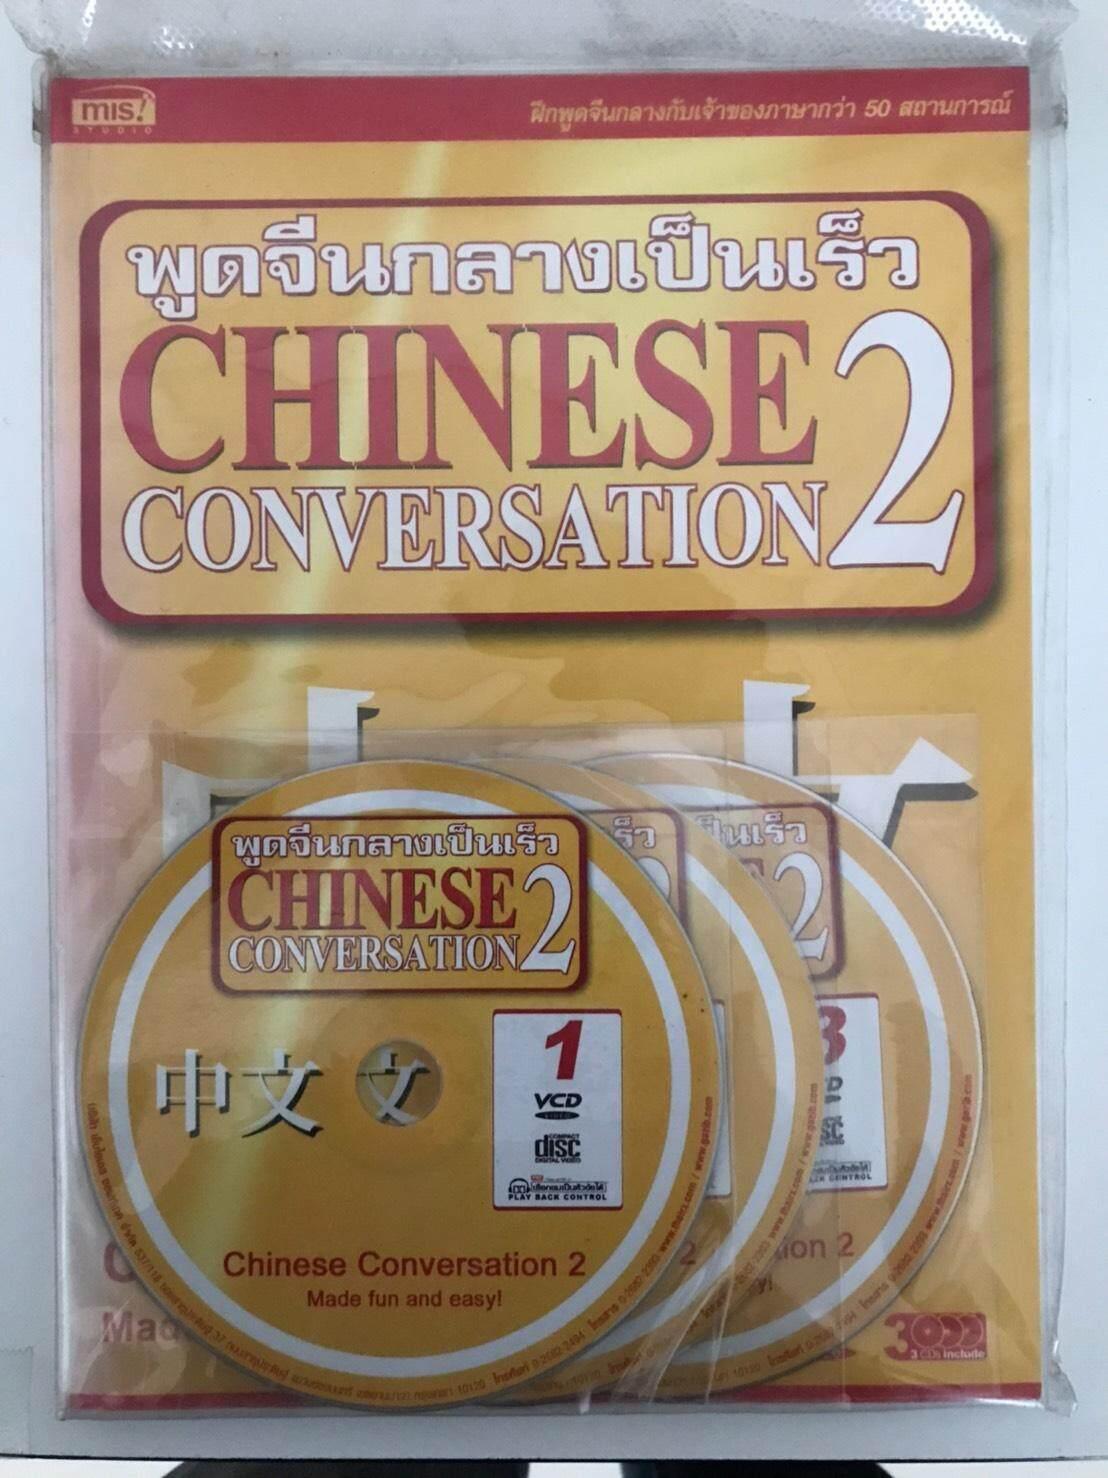 พูดจีนกลางเป็นเร็ว 2 : Chinese Conver 2+3vcd By Bbook Store